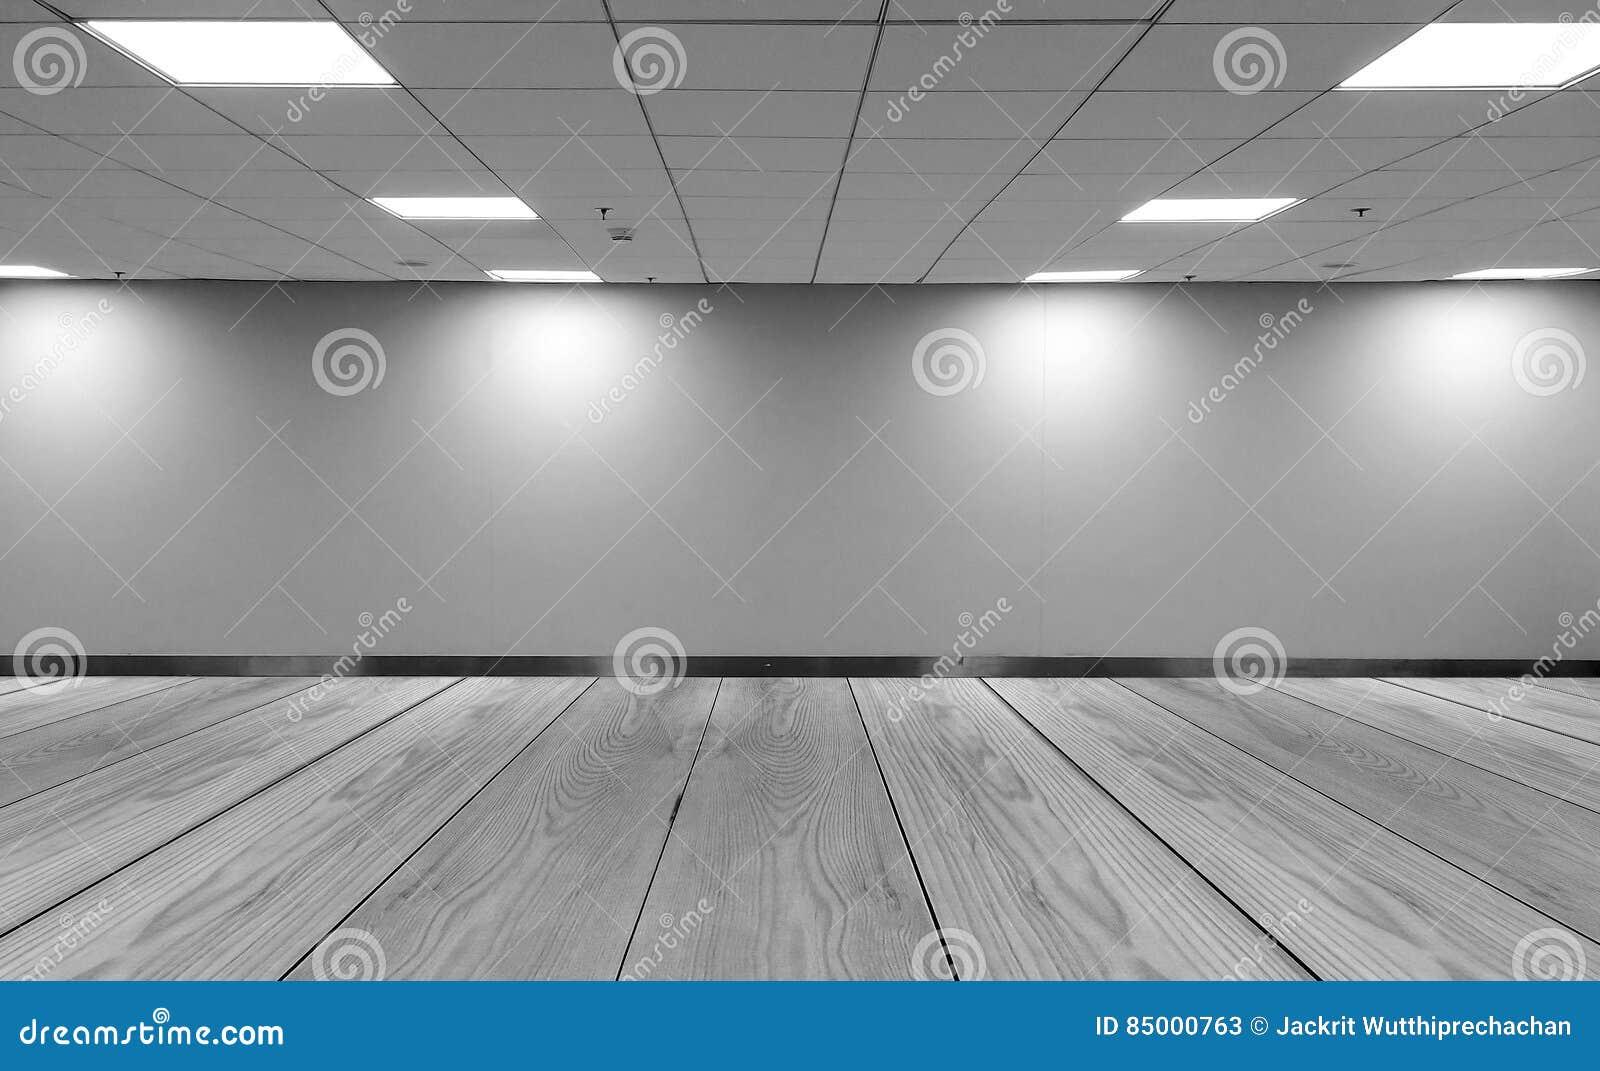 Perspektivenansicht leerer Raum-monotoner schwarzer weißer Büro-Raum mit Licht-Lampen-und Licht-Schatten der Reihen-Decken-LED au